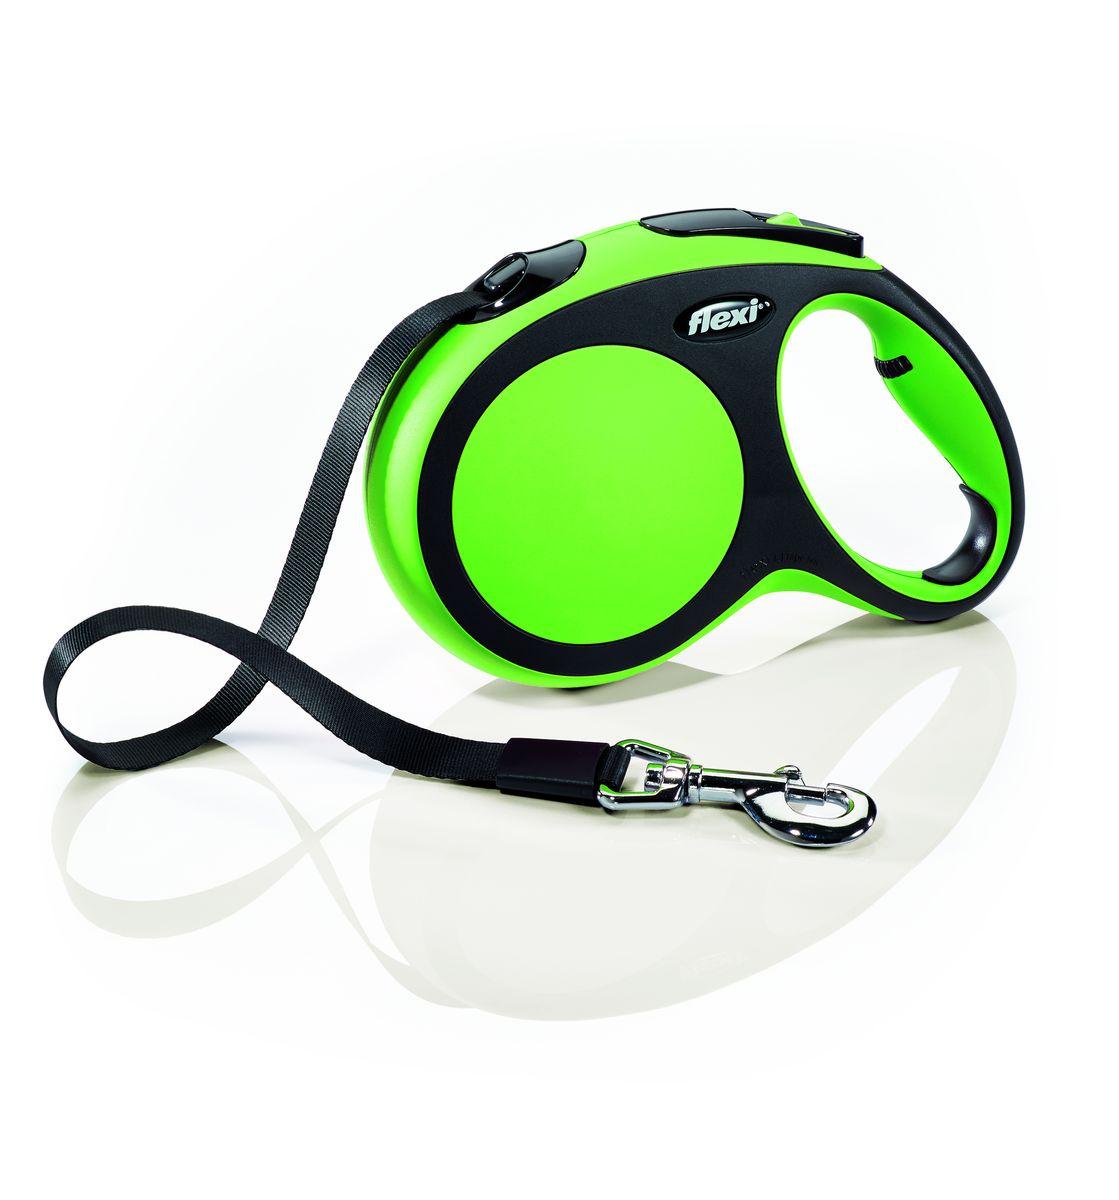 Поводок-рулетка Flexi New Comfort L, лента, для собак весом до 60 кг, цвет: черный, зеленый, 5 м28322Ленточный поводок-рулетка обеспечивает собаке свободу движения, что идет на пользу здоровью и радует Вашего четвероногого друга. Рулетка очень проста в использовании. Оснащена кнопками кратковременной и постоянной фиксации. Рулетку можно оснастить - мультибоксом для лакомств или пакетиков для сбора фекалий, LED подсветкой корпуса. Прочный корпус, хромированная застежка и светоотражающие элементы. Лента поводка автоматически сматывается и поводок в процессе использования не провисает, не касается грунта и таким образом не пачкается и не перетирается. Поводок не нужно подбирать руками когда питомец подошел ближе, таким образом Ваши руки всегда чистые. На рукоятке имеется регулировка размера для адаптации под размер руки Максимальный вес питомца: 60 кг Длина: 5 м